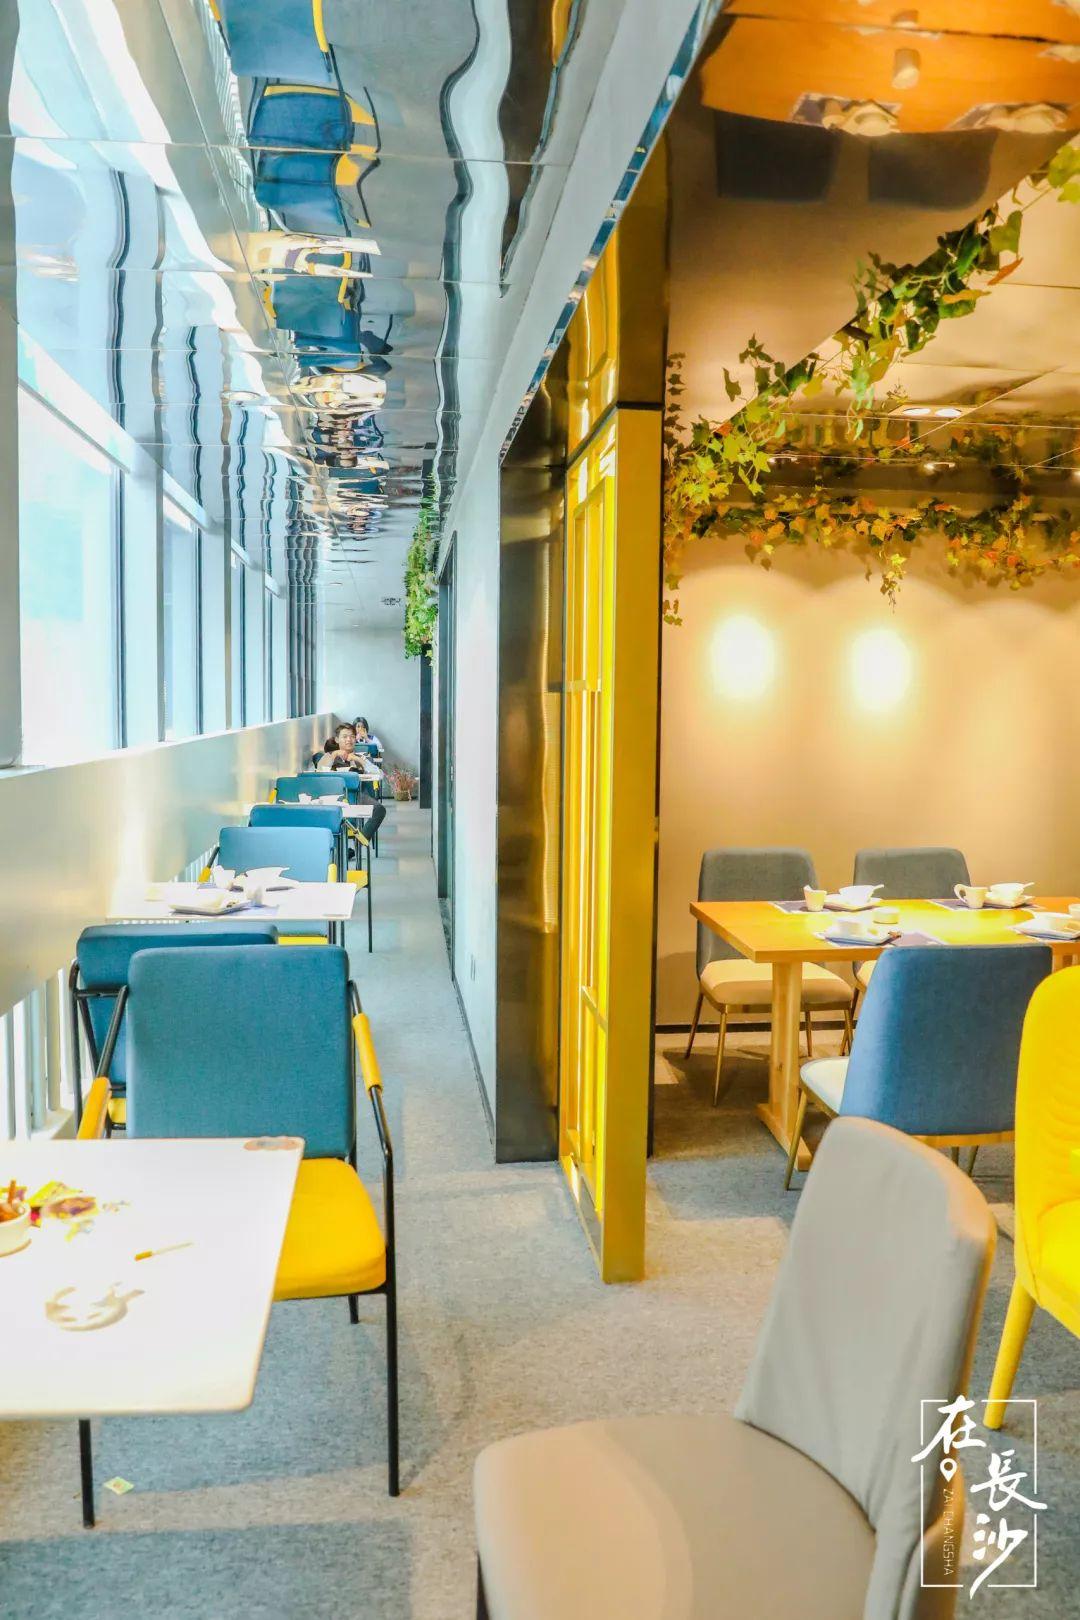 长沙花喆5D全息投影餐厅来袭,唯美梦幻,一位难求-博视界科技